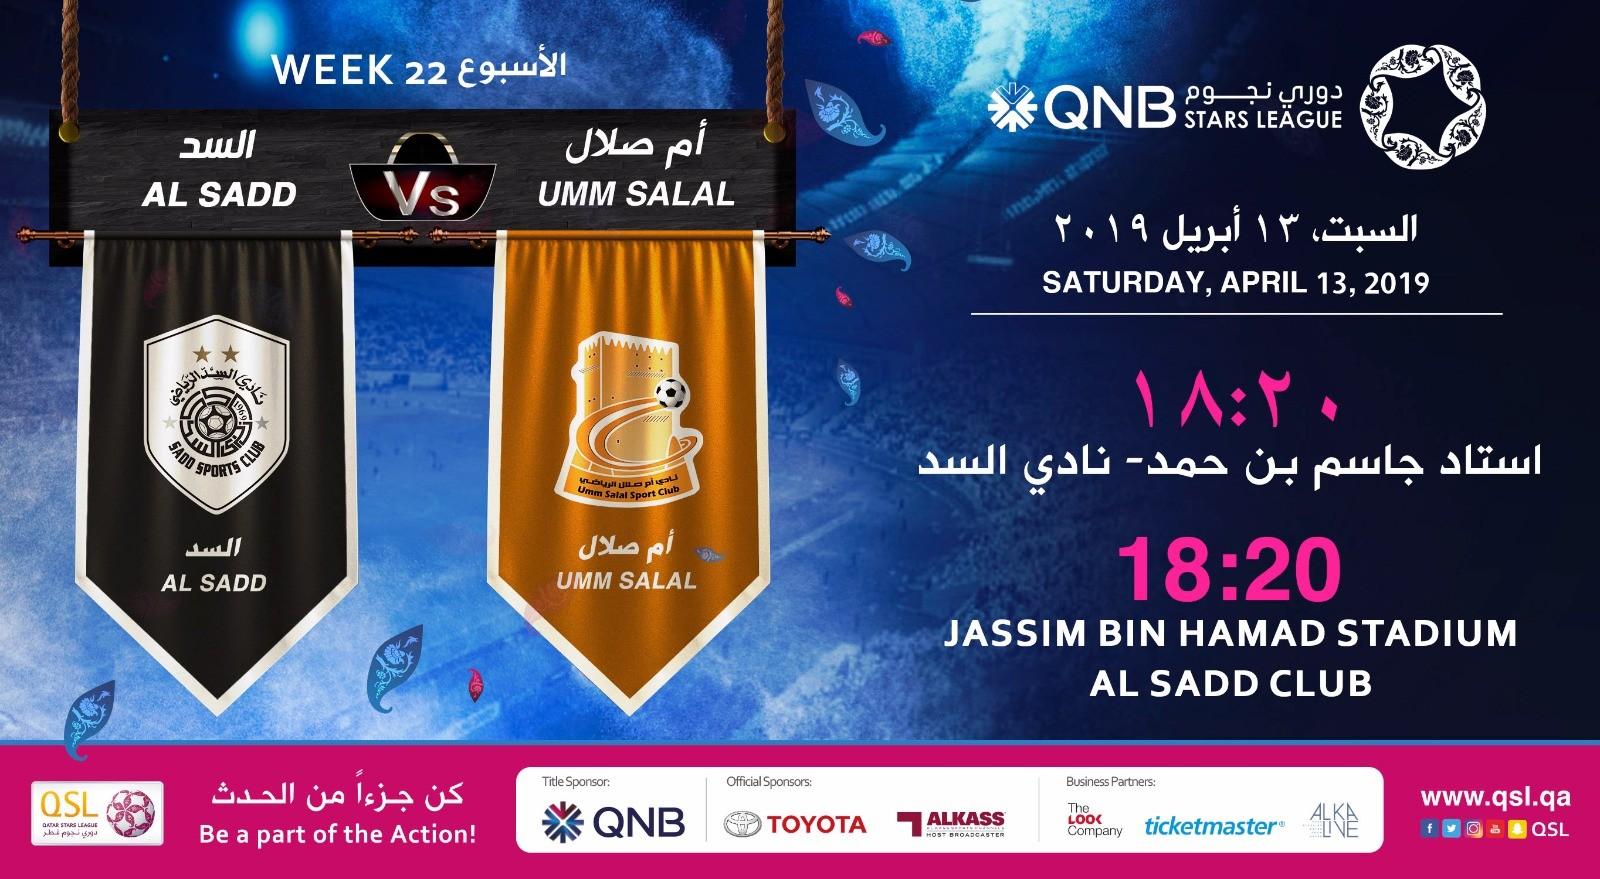 QNB Stars League Week 22 — Al Sadd vs Umm Salal